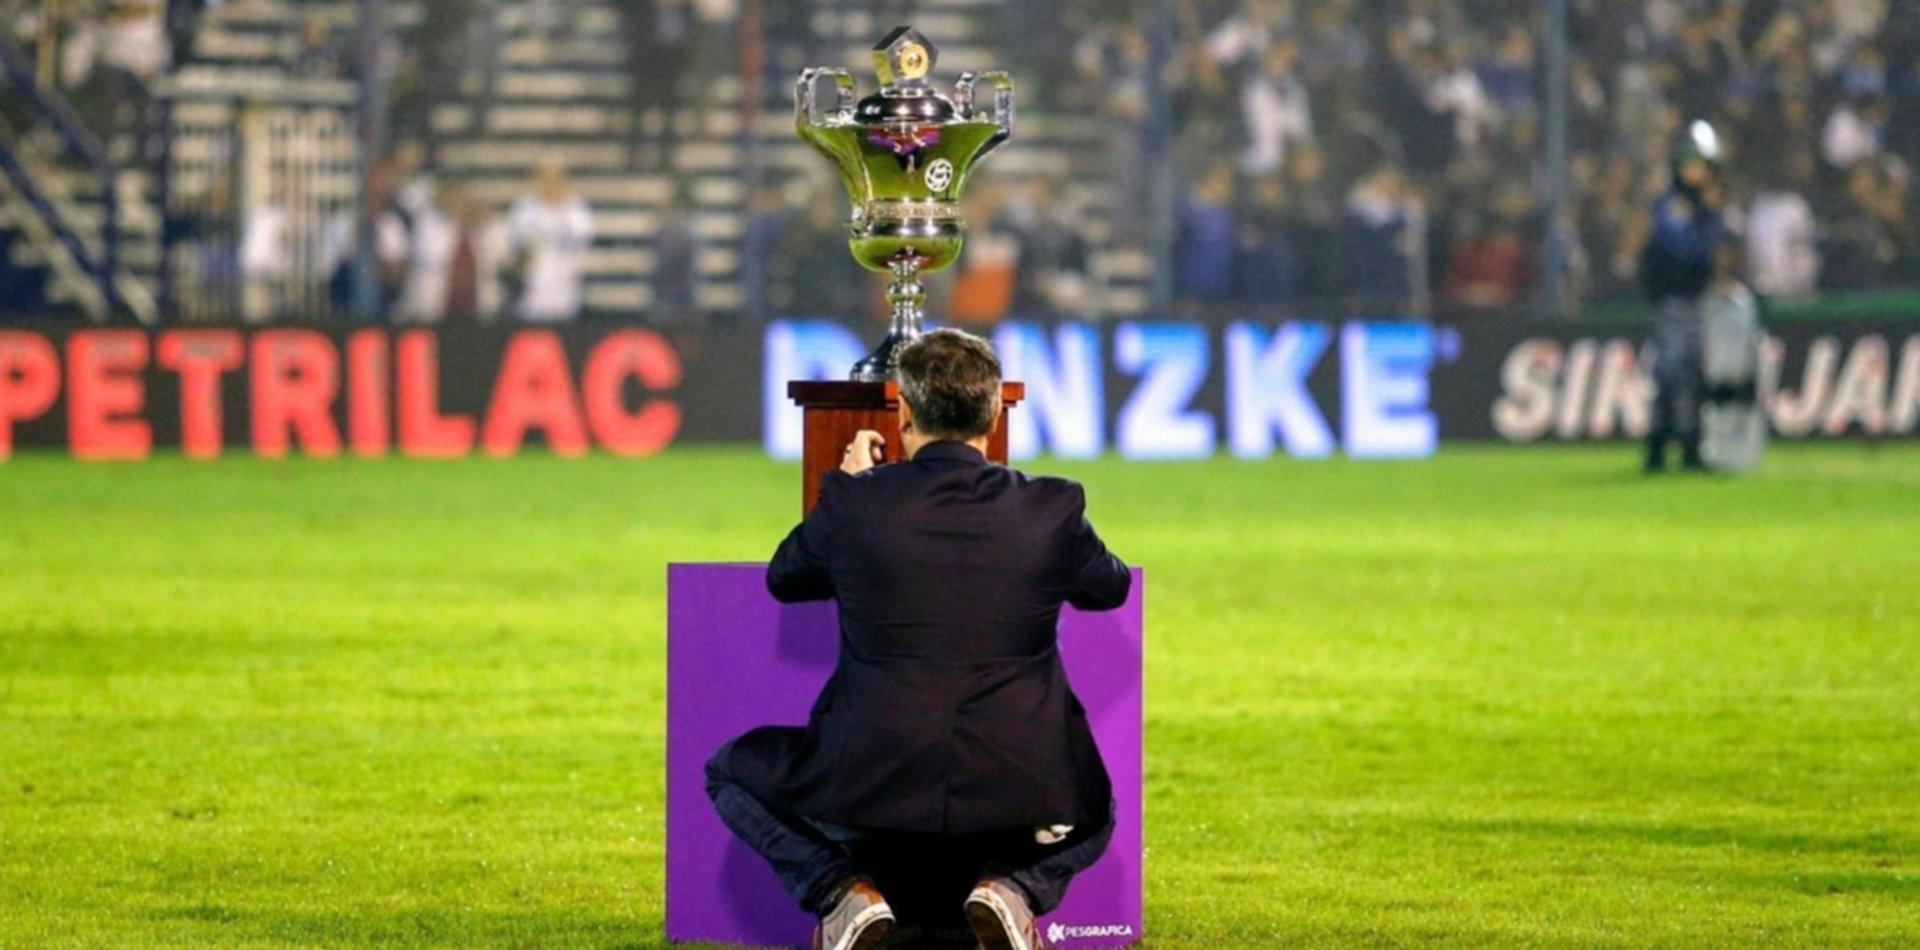 Se confirmó cuándo arrancará la próxima Superliga y cómo quedaría armada la temporada